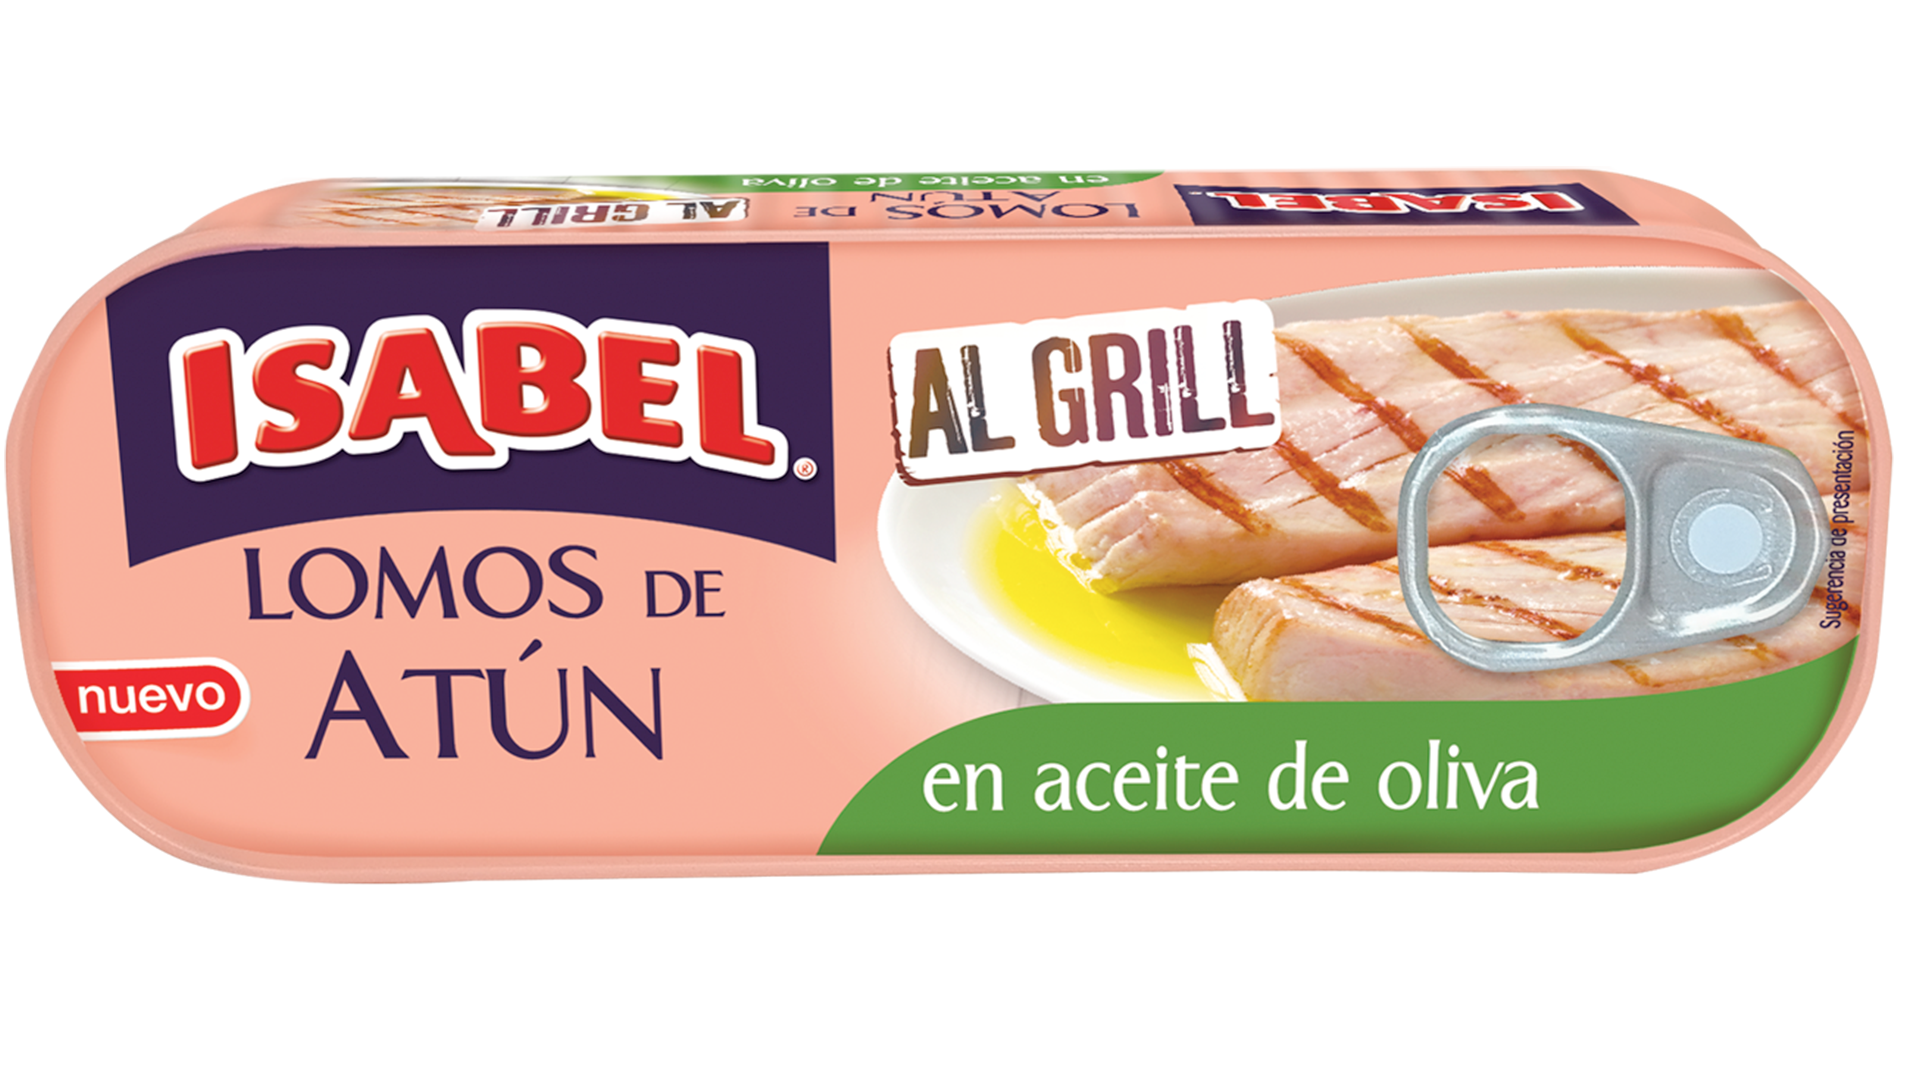 Lomos de atún Al Grill en aceite de oliva